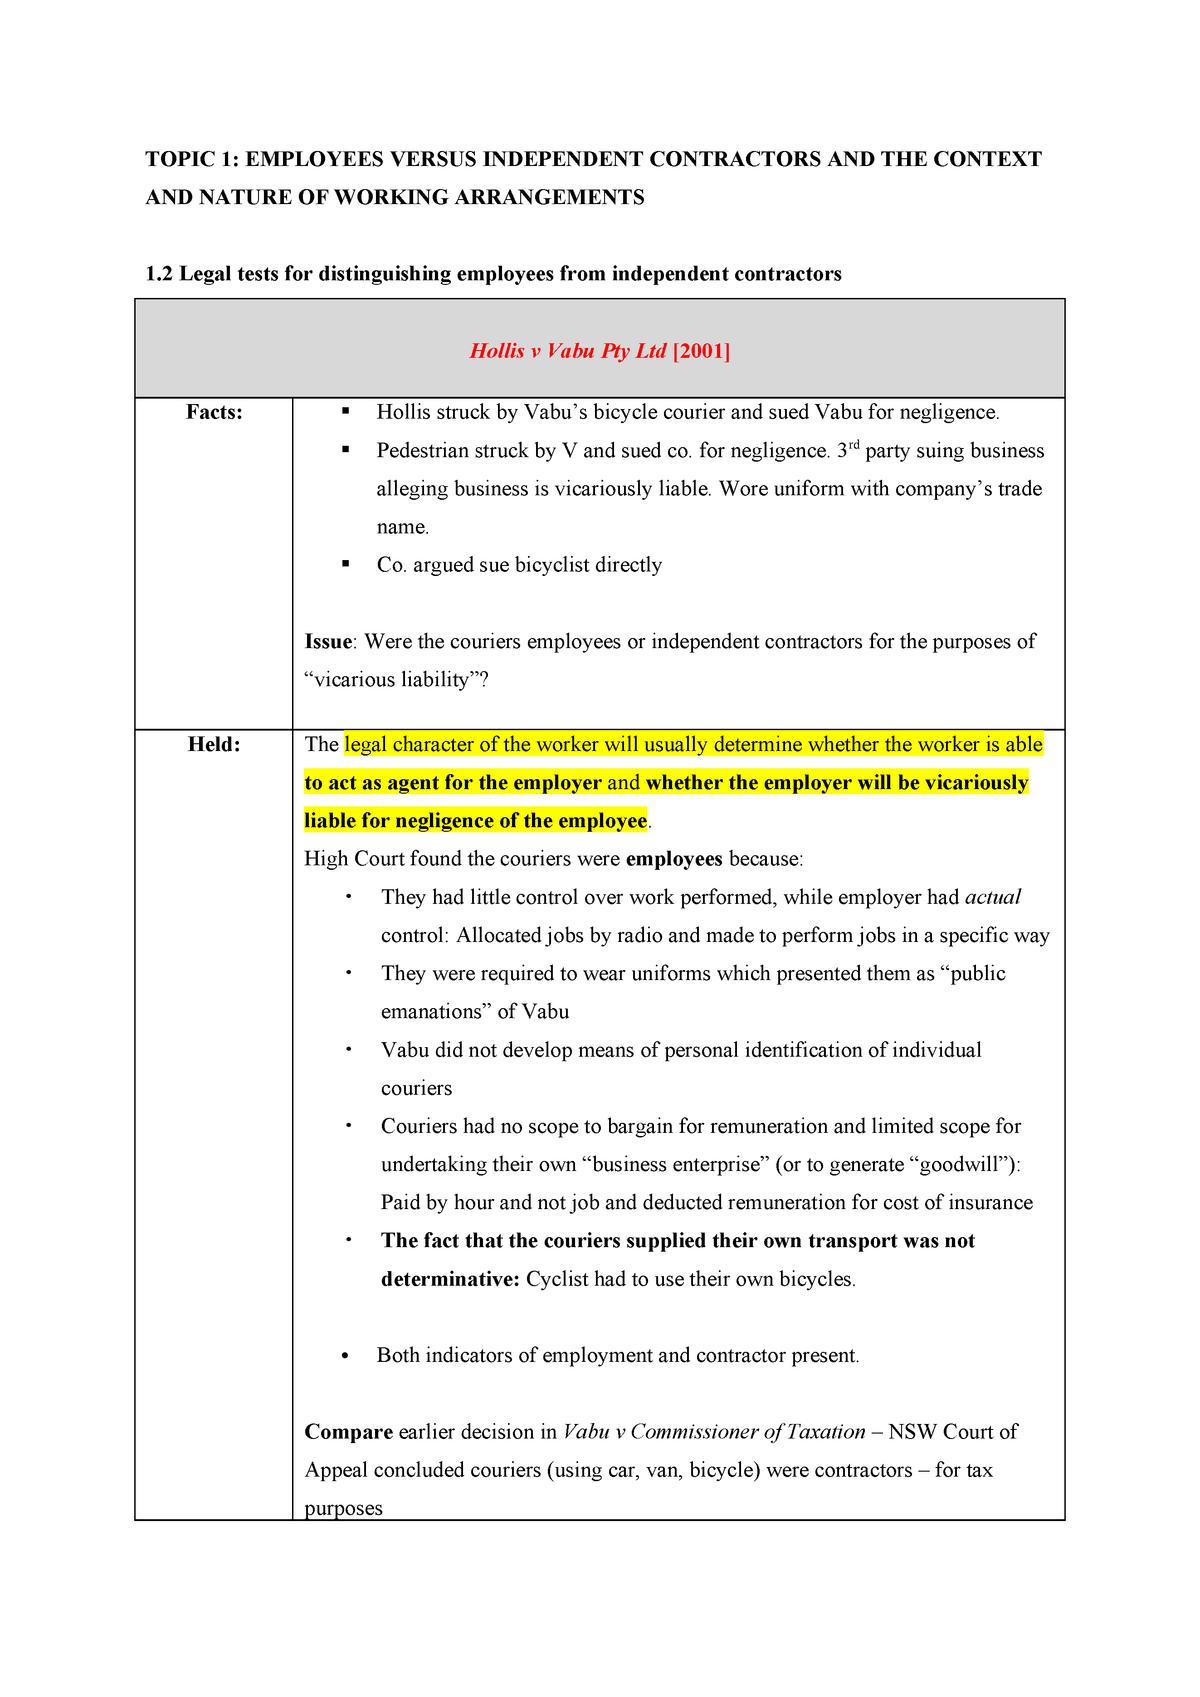 Employment law cases - LAW4132 - StuDocu